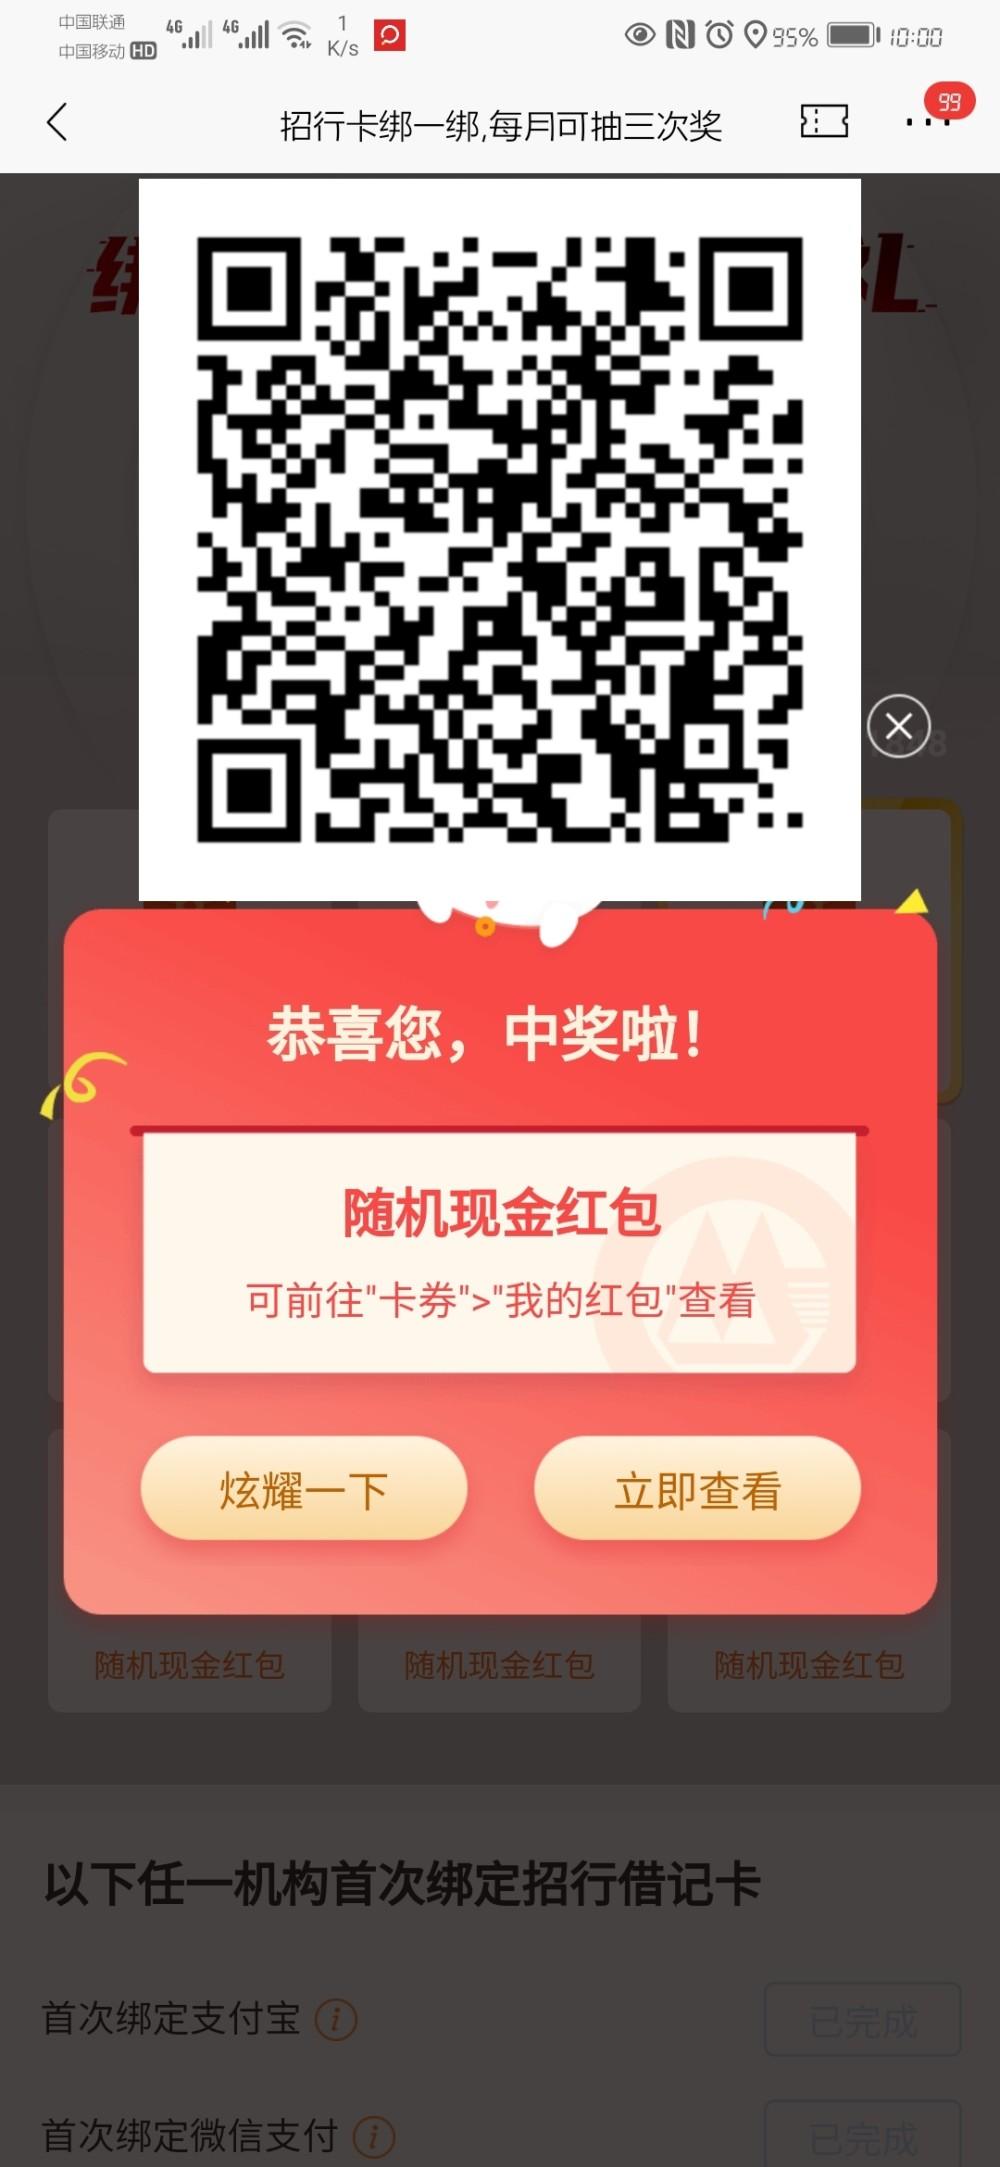 图片[1]-招行新一期必中红包-飞享资源网